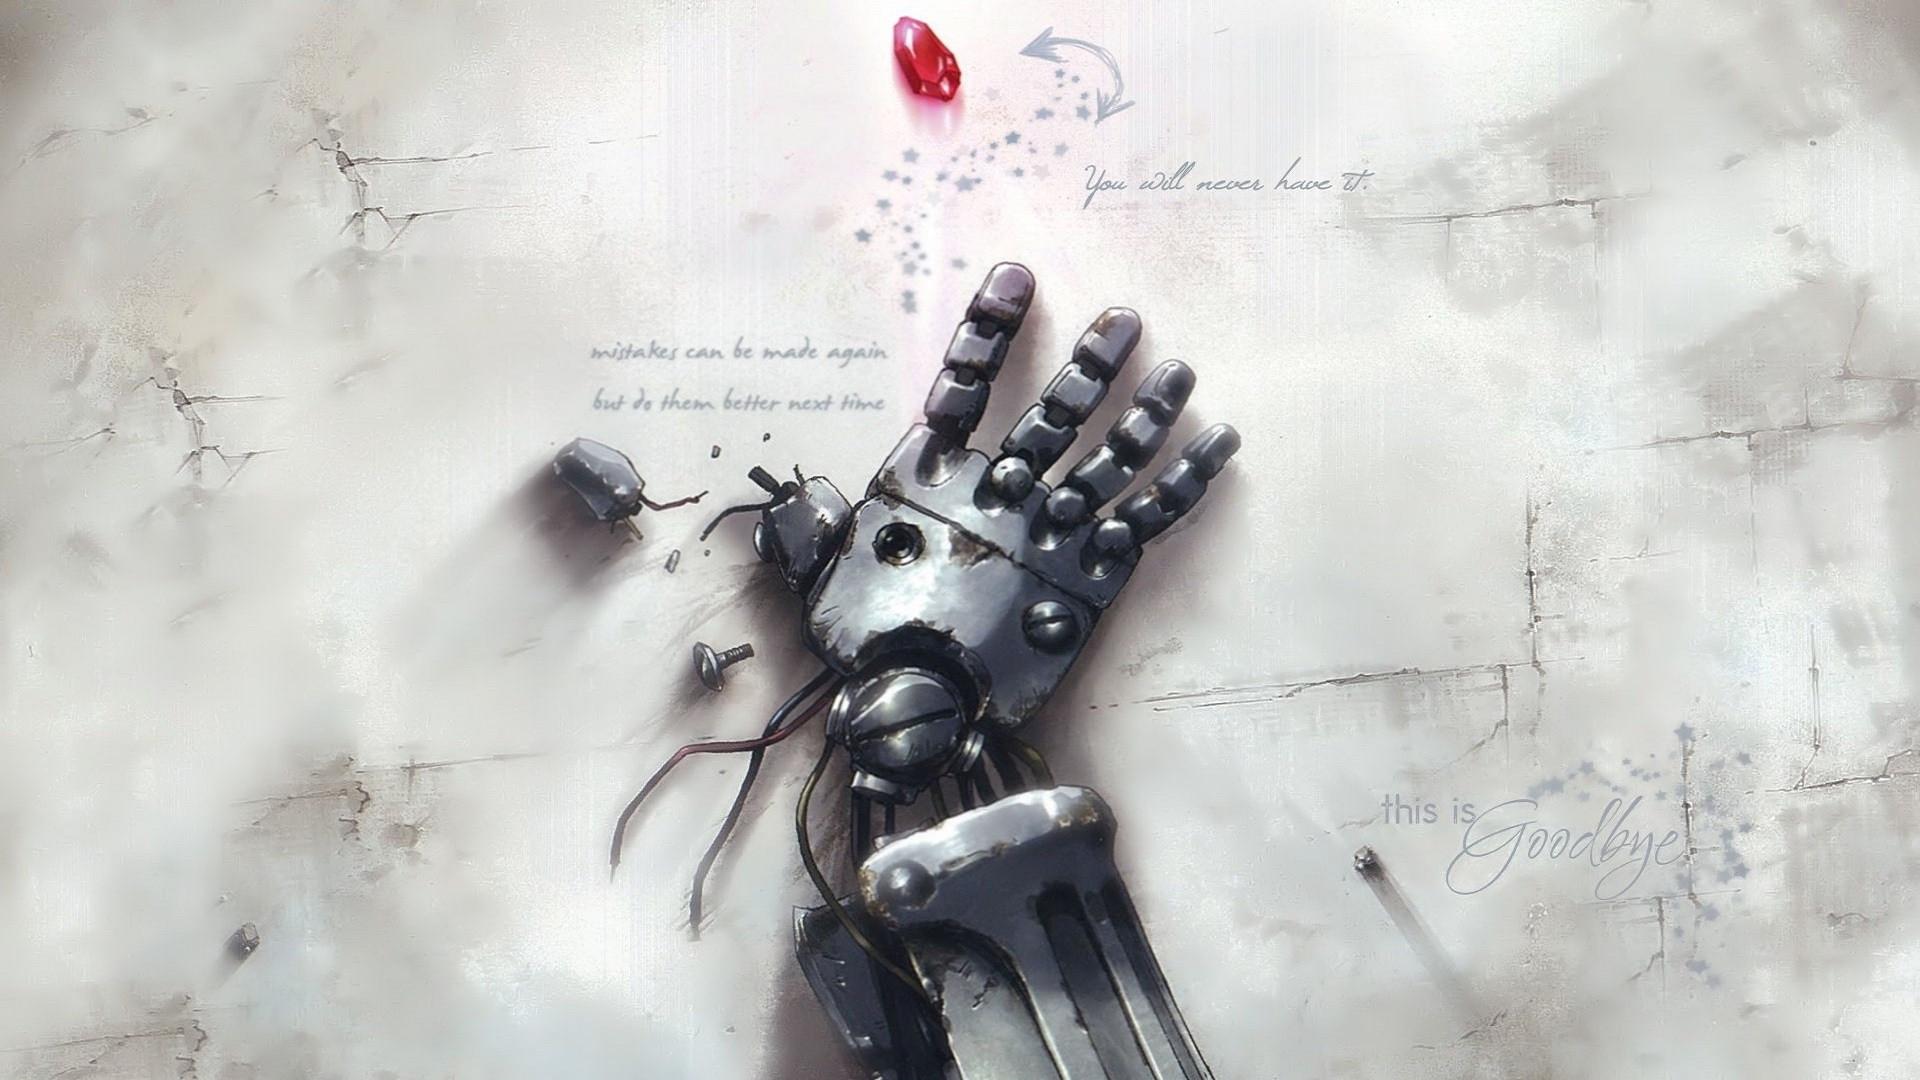 fullmetal alchemist brotherhood, wallpaper - zerochan anime image board